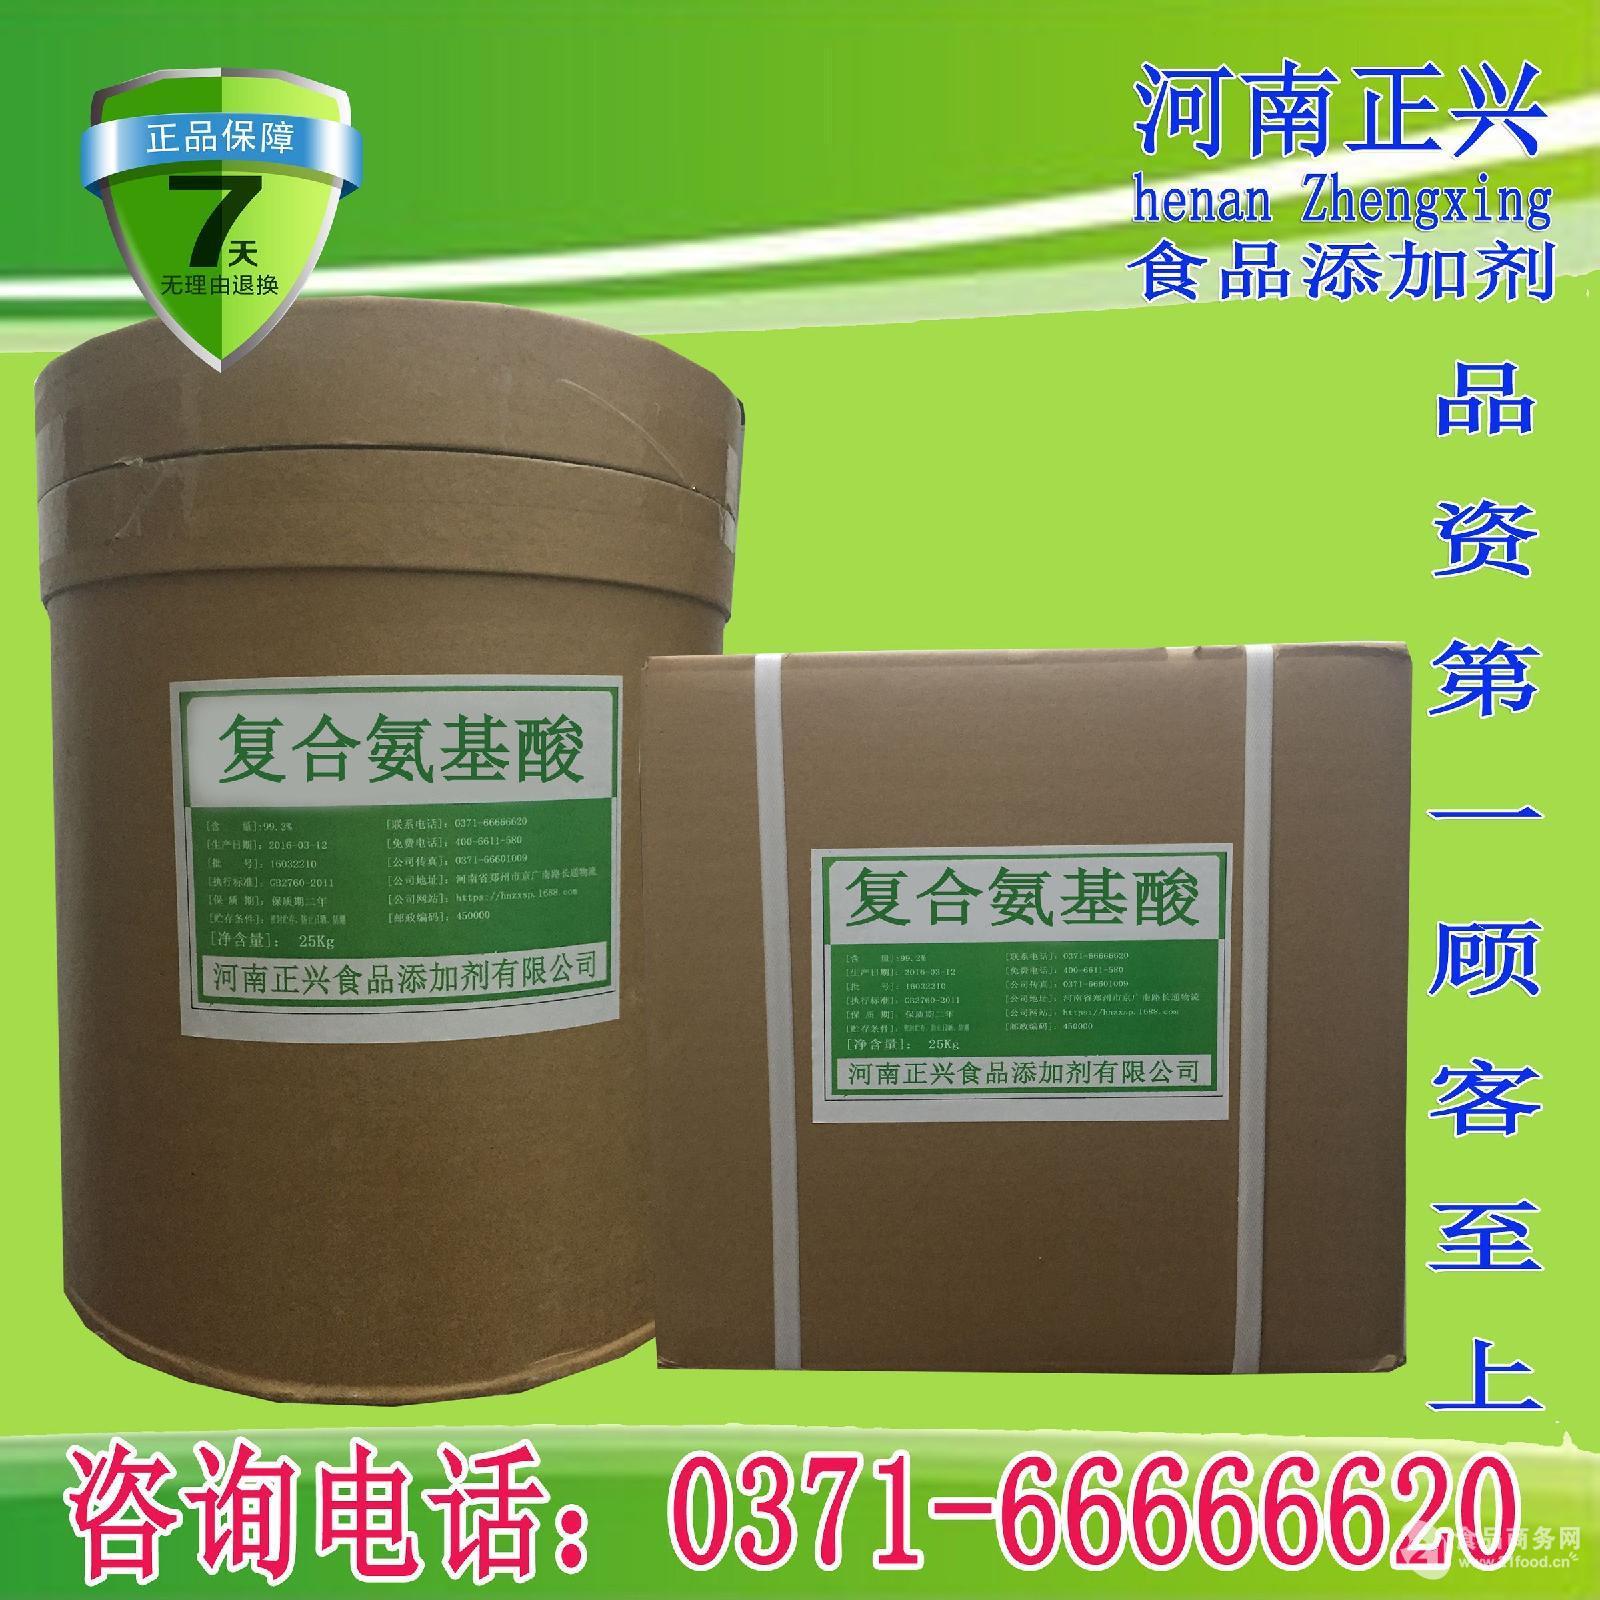 厂家直销 氨基酸 复合氨基酸